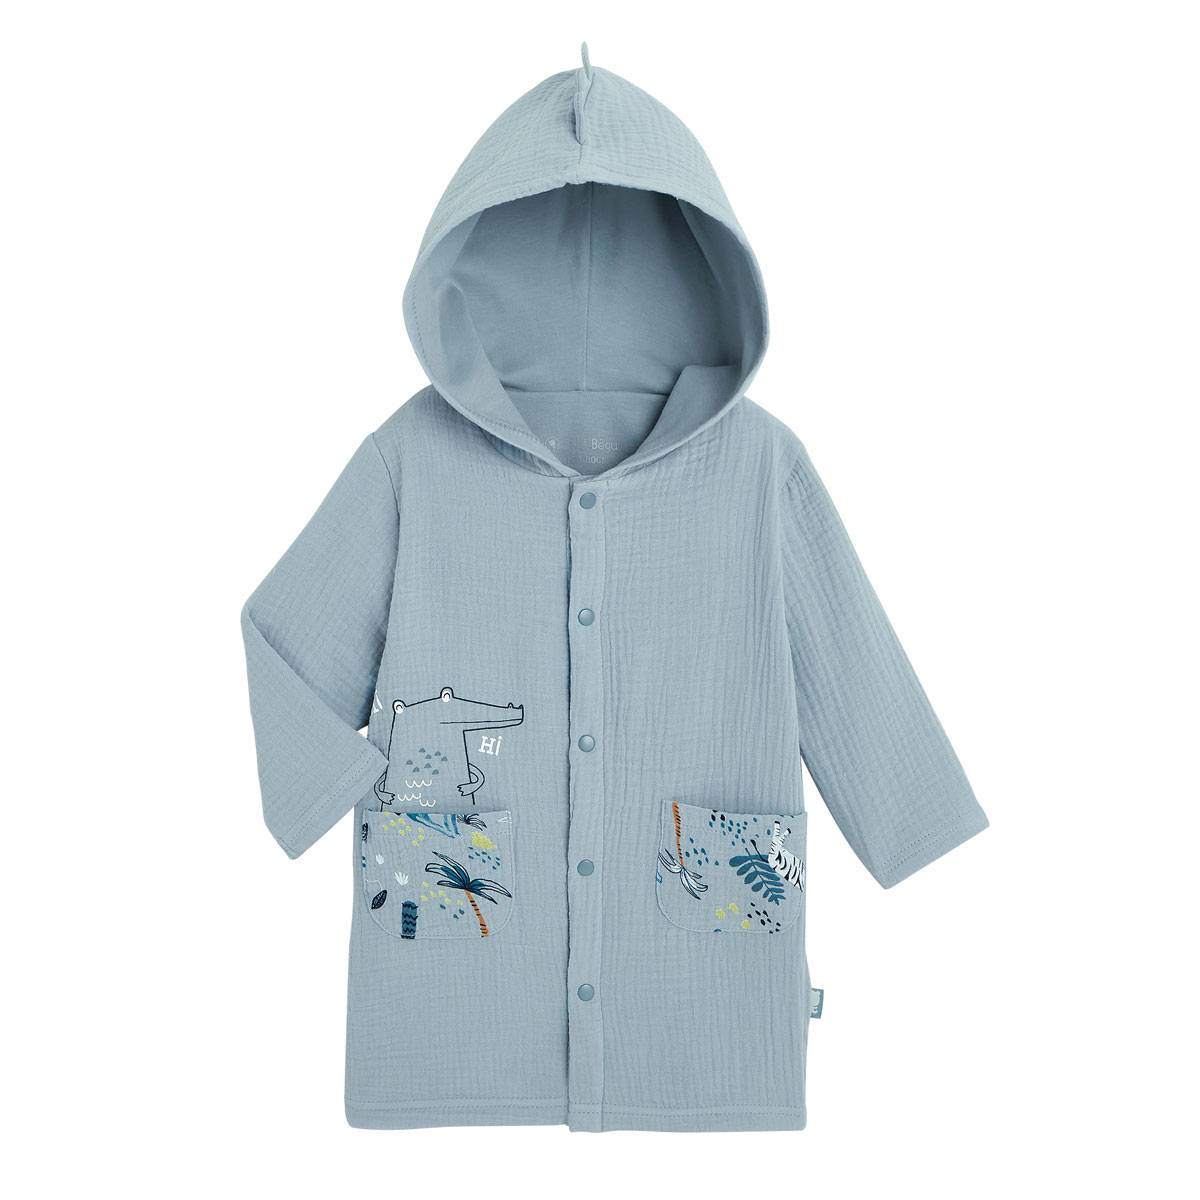 Petit Béguin Robe de chambre doublée bébé garçon Croco Jungle - Taille - 36 mois